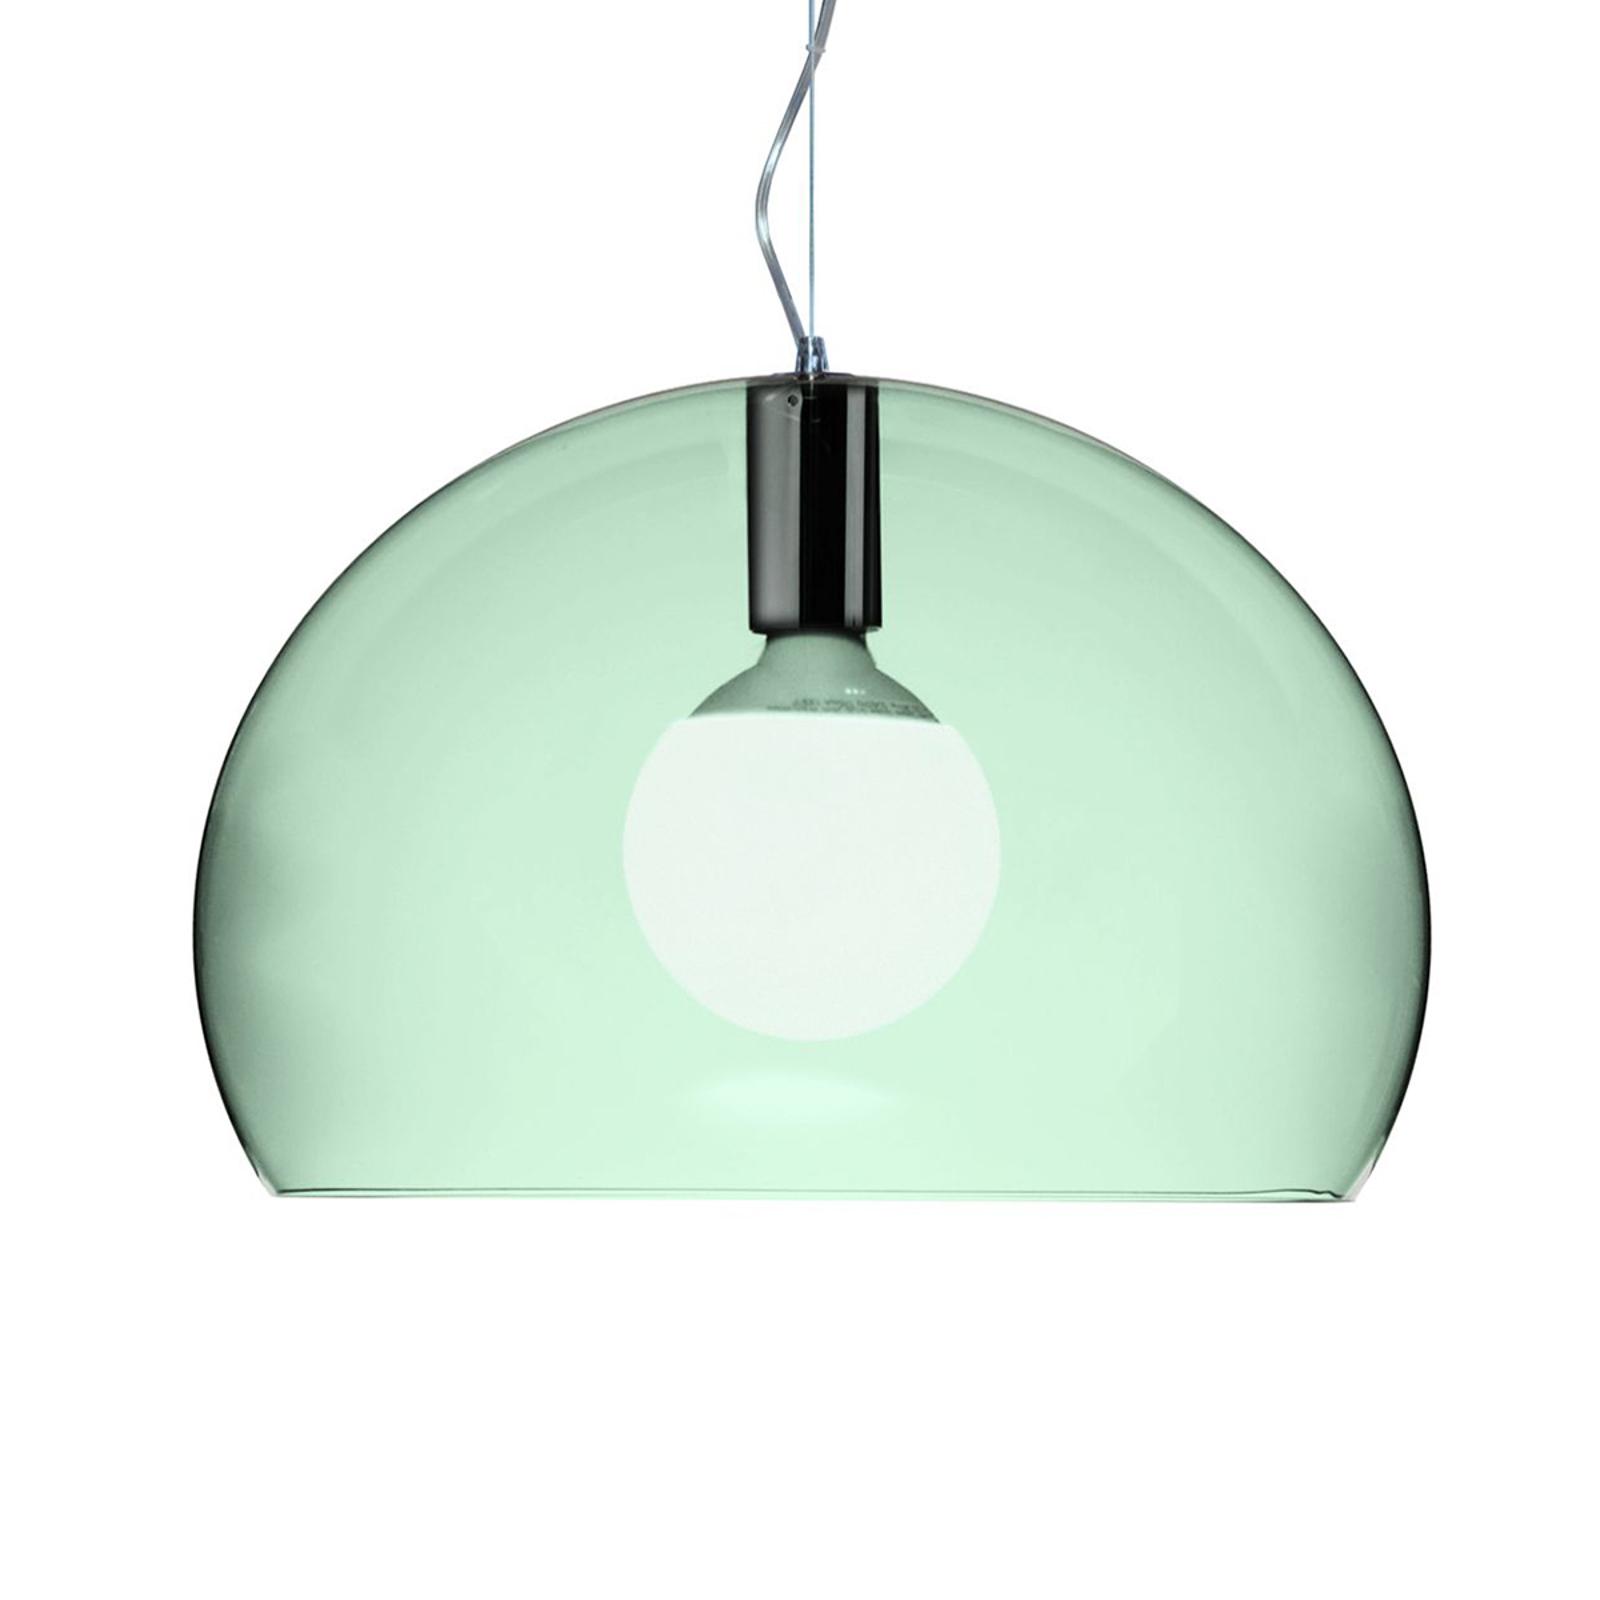 Kartell Small FL/Y LED-Hängeleuchte salbeigrün